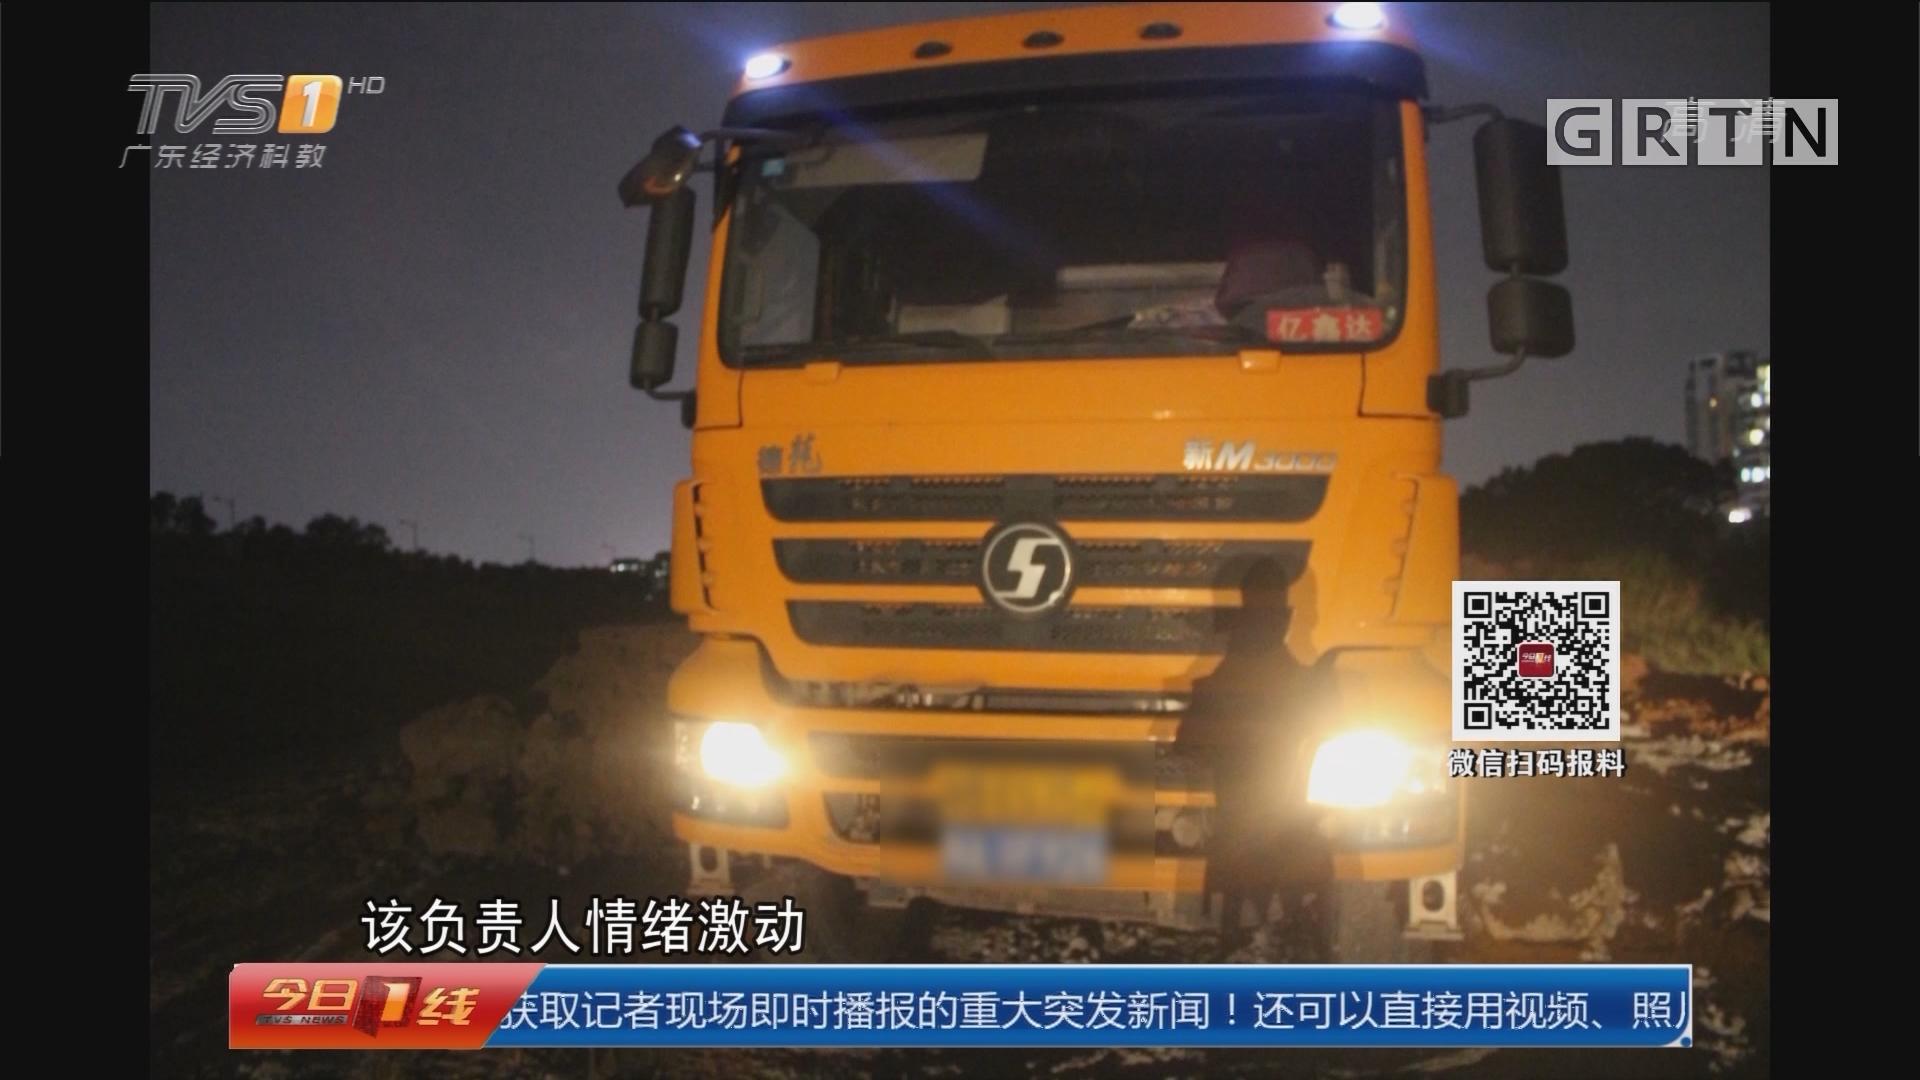 深圳:偷倒渣土还抗法? 司机被拘公司受罚